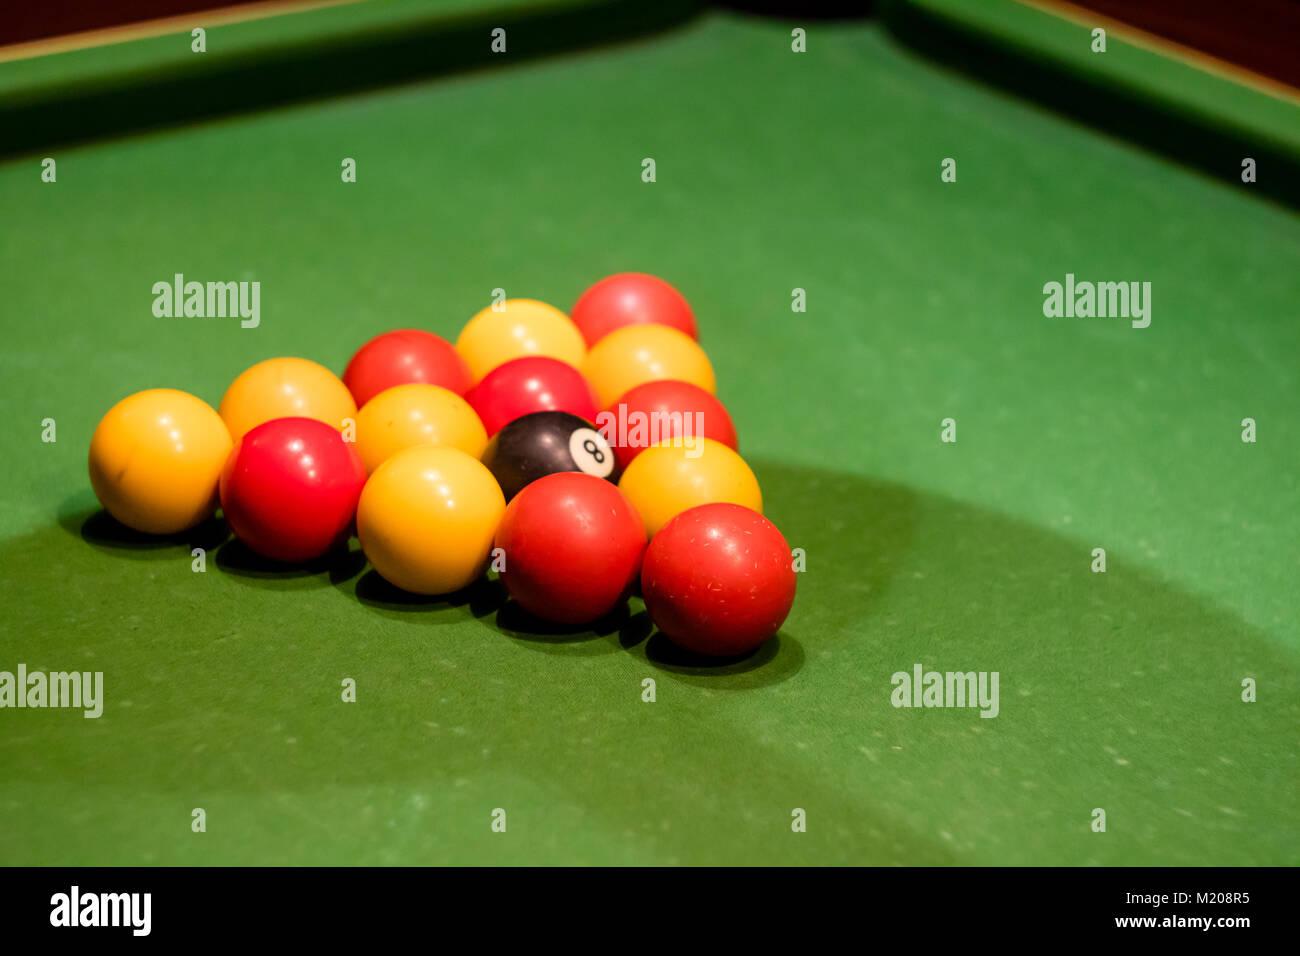 Pool Table Setup >> Pool Balls Set Up On A Pool Table Taken At An Angle Stock